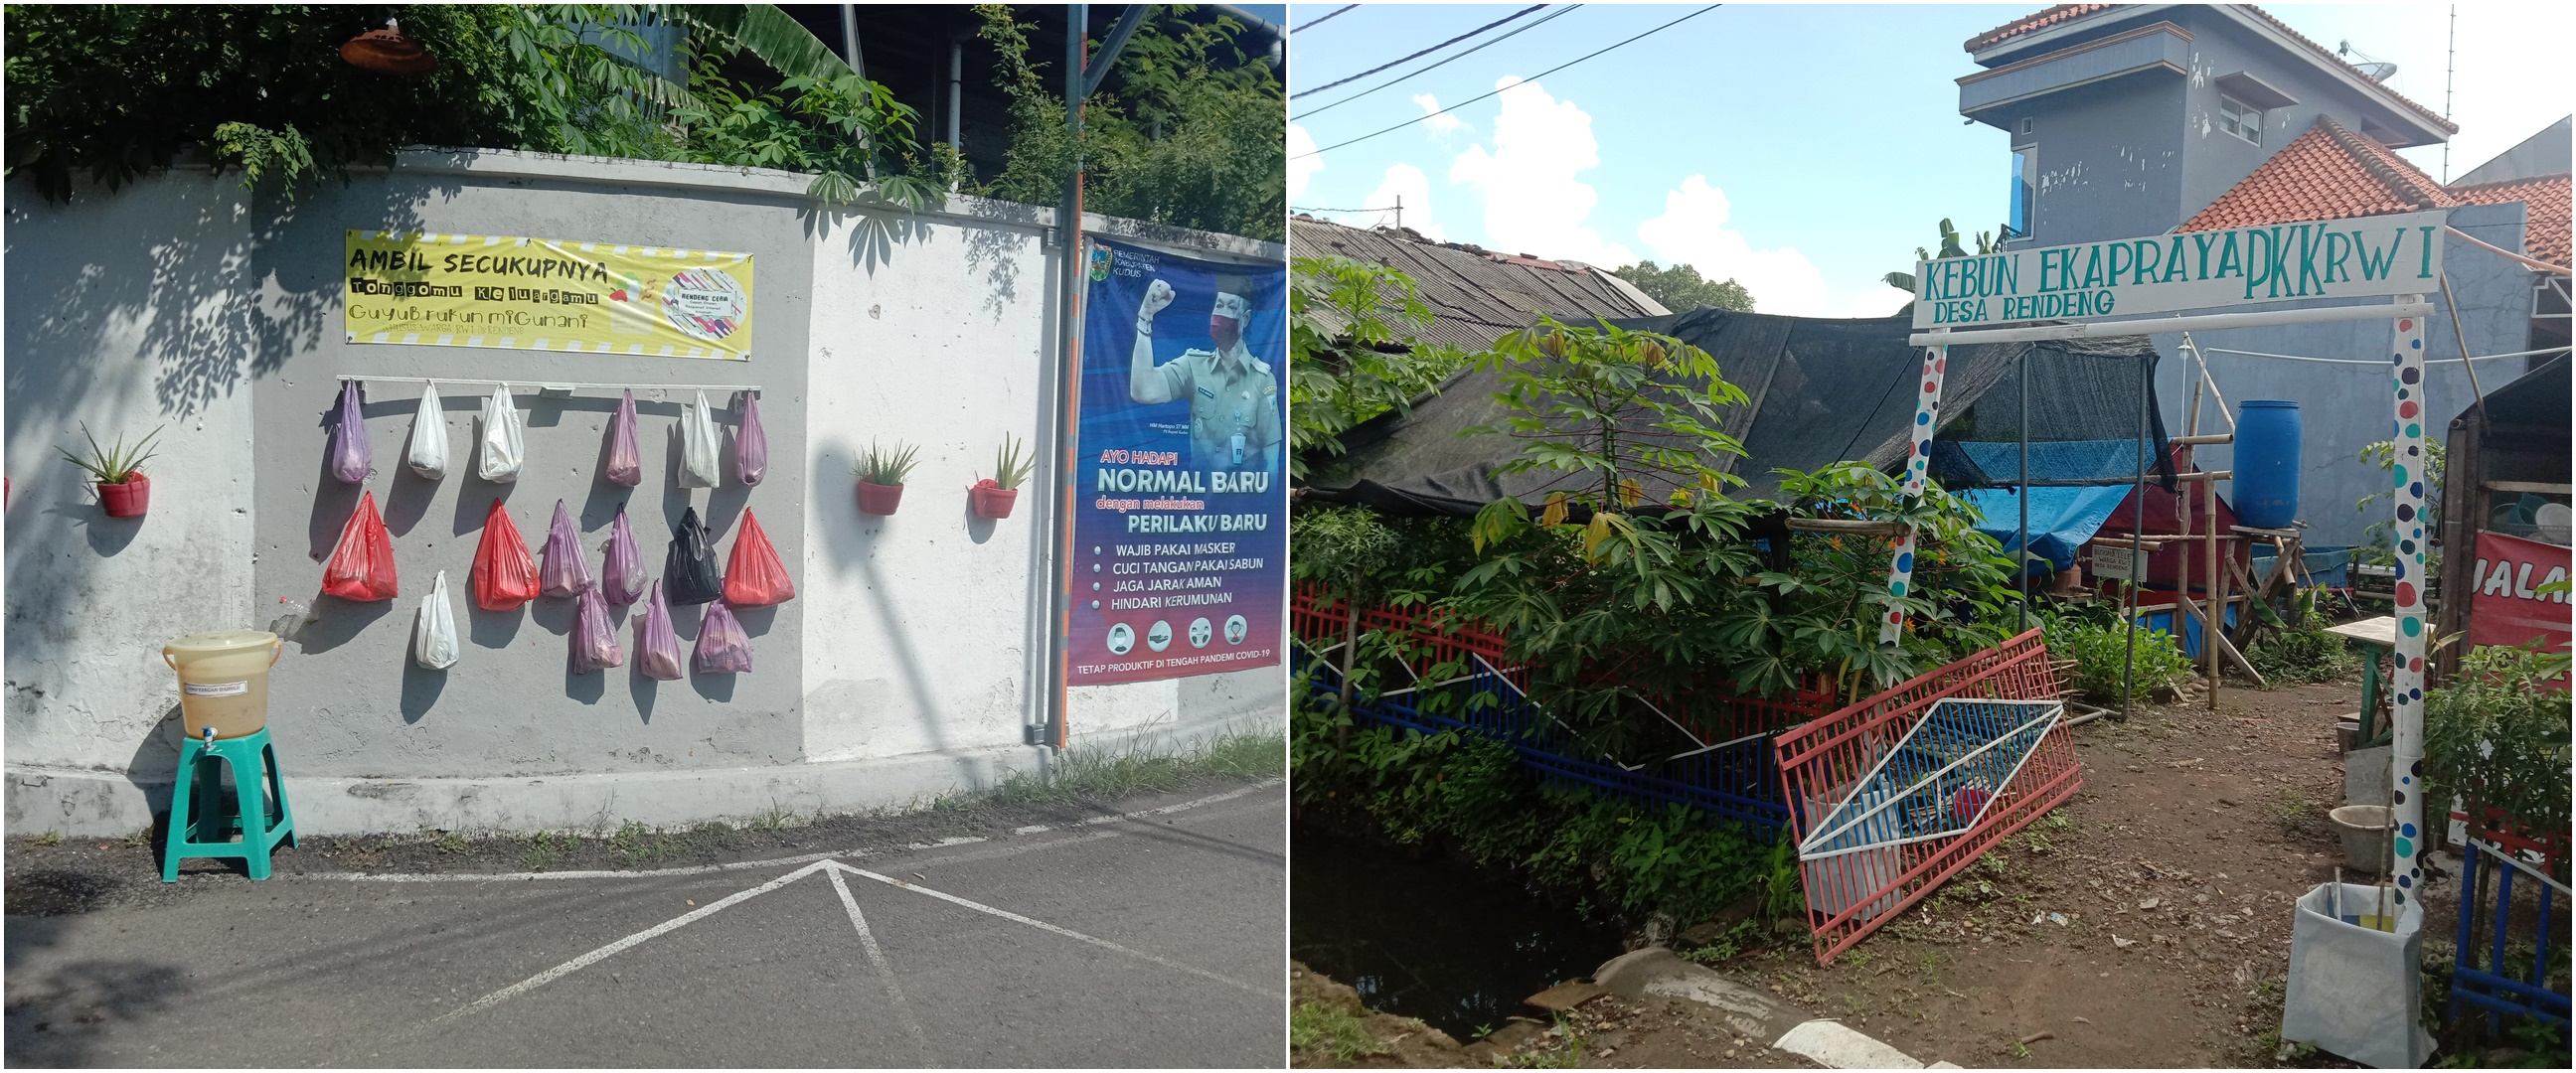 Sembako gantung Desa Rendeng Kudus, aksi kepedulian warga bantu sesama